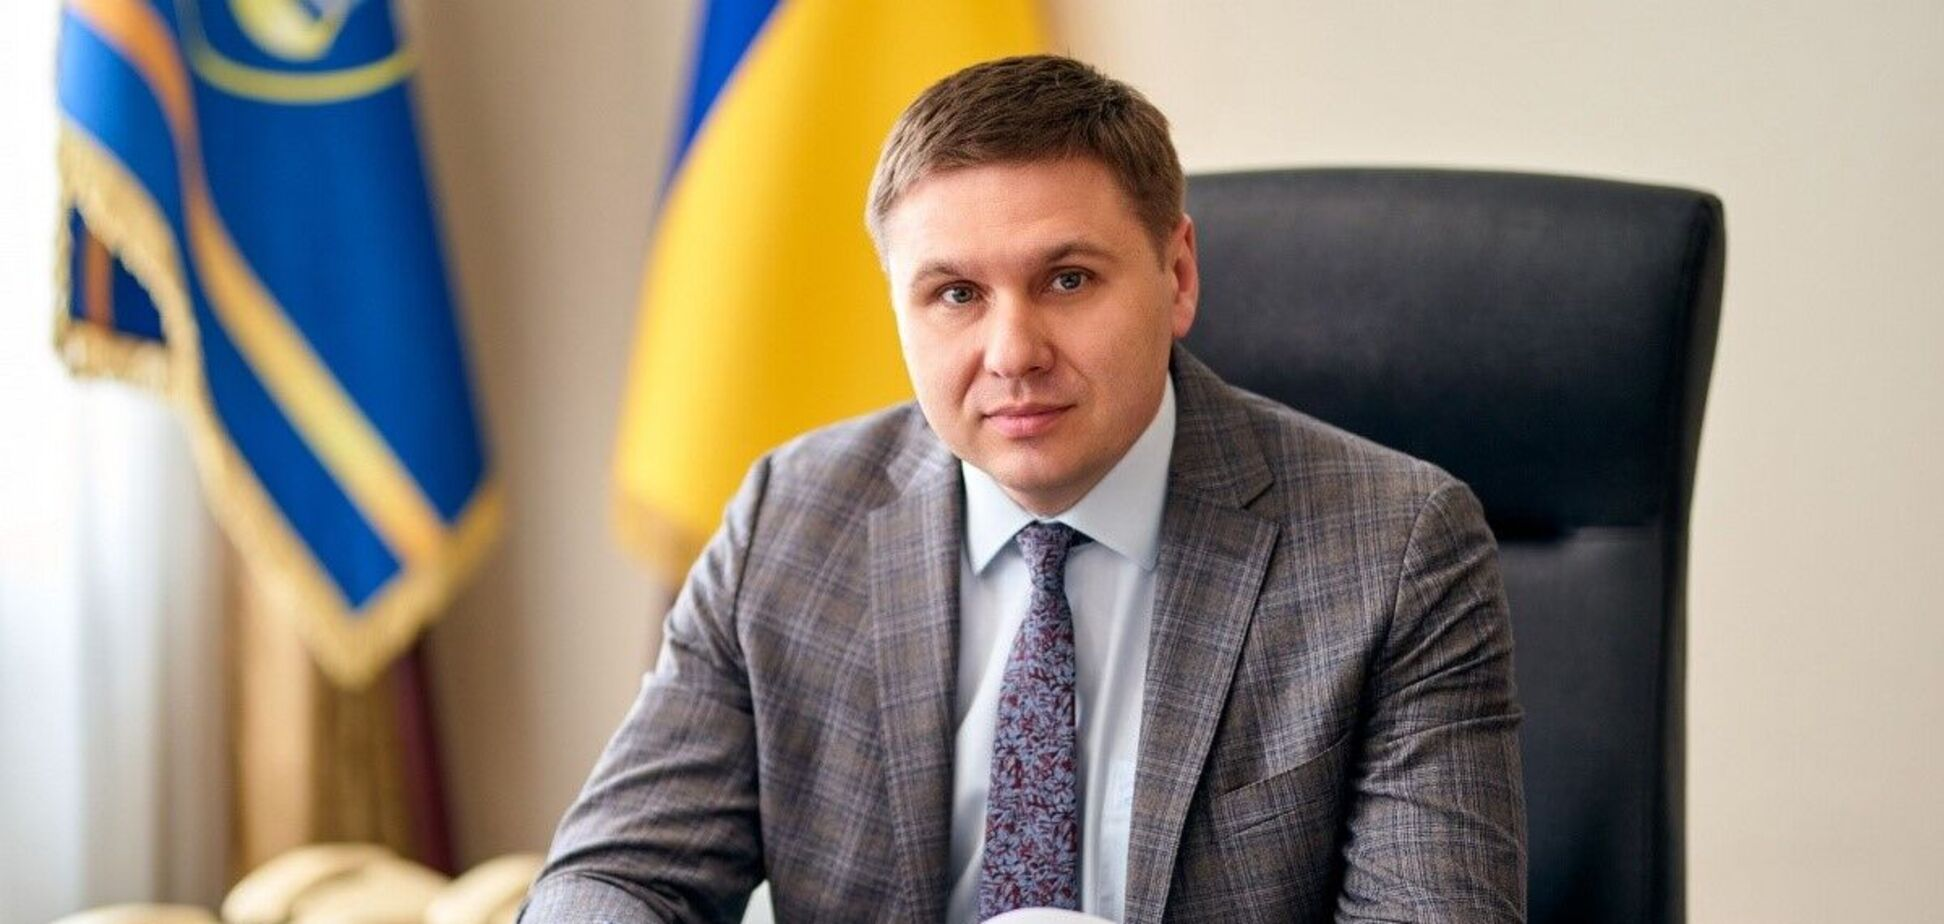 Солодченко спрогнозував втрати бюджету від торгівлі контрабандними сигаретами